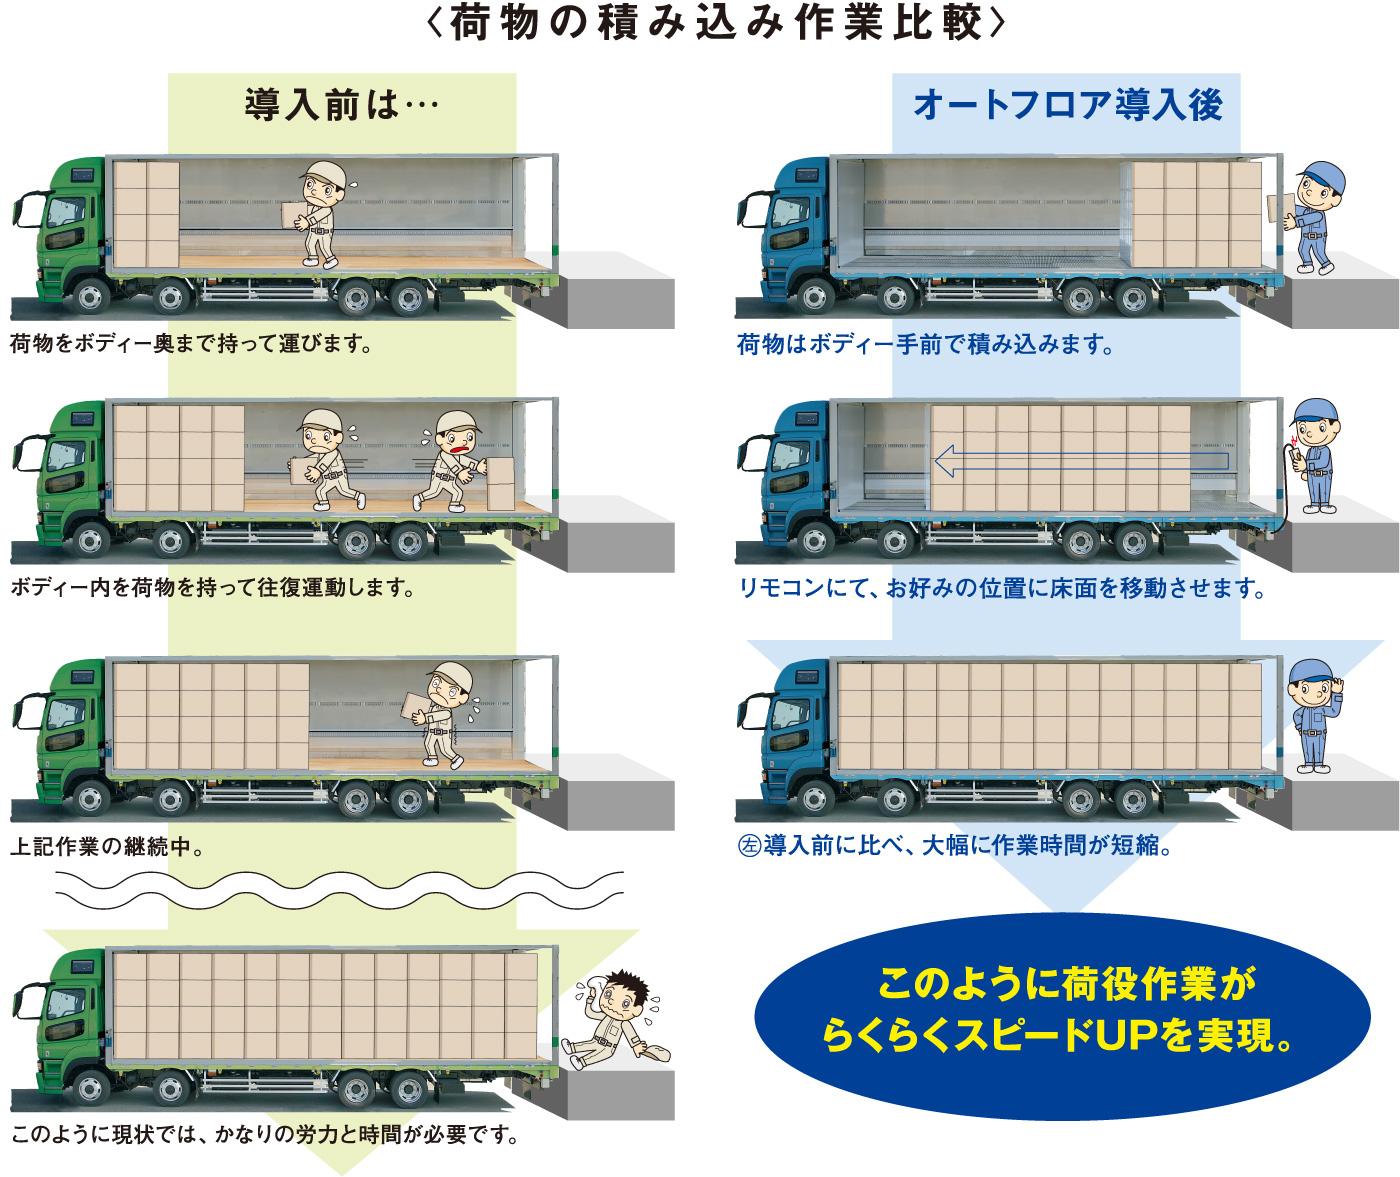 荷物の積み込み作業比較